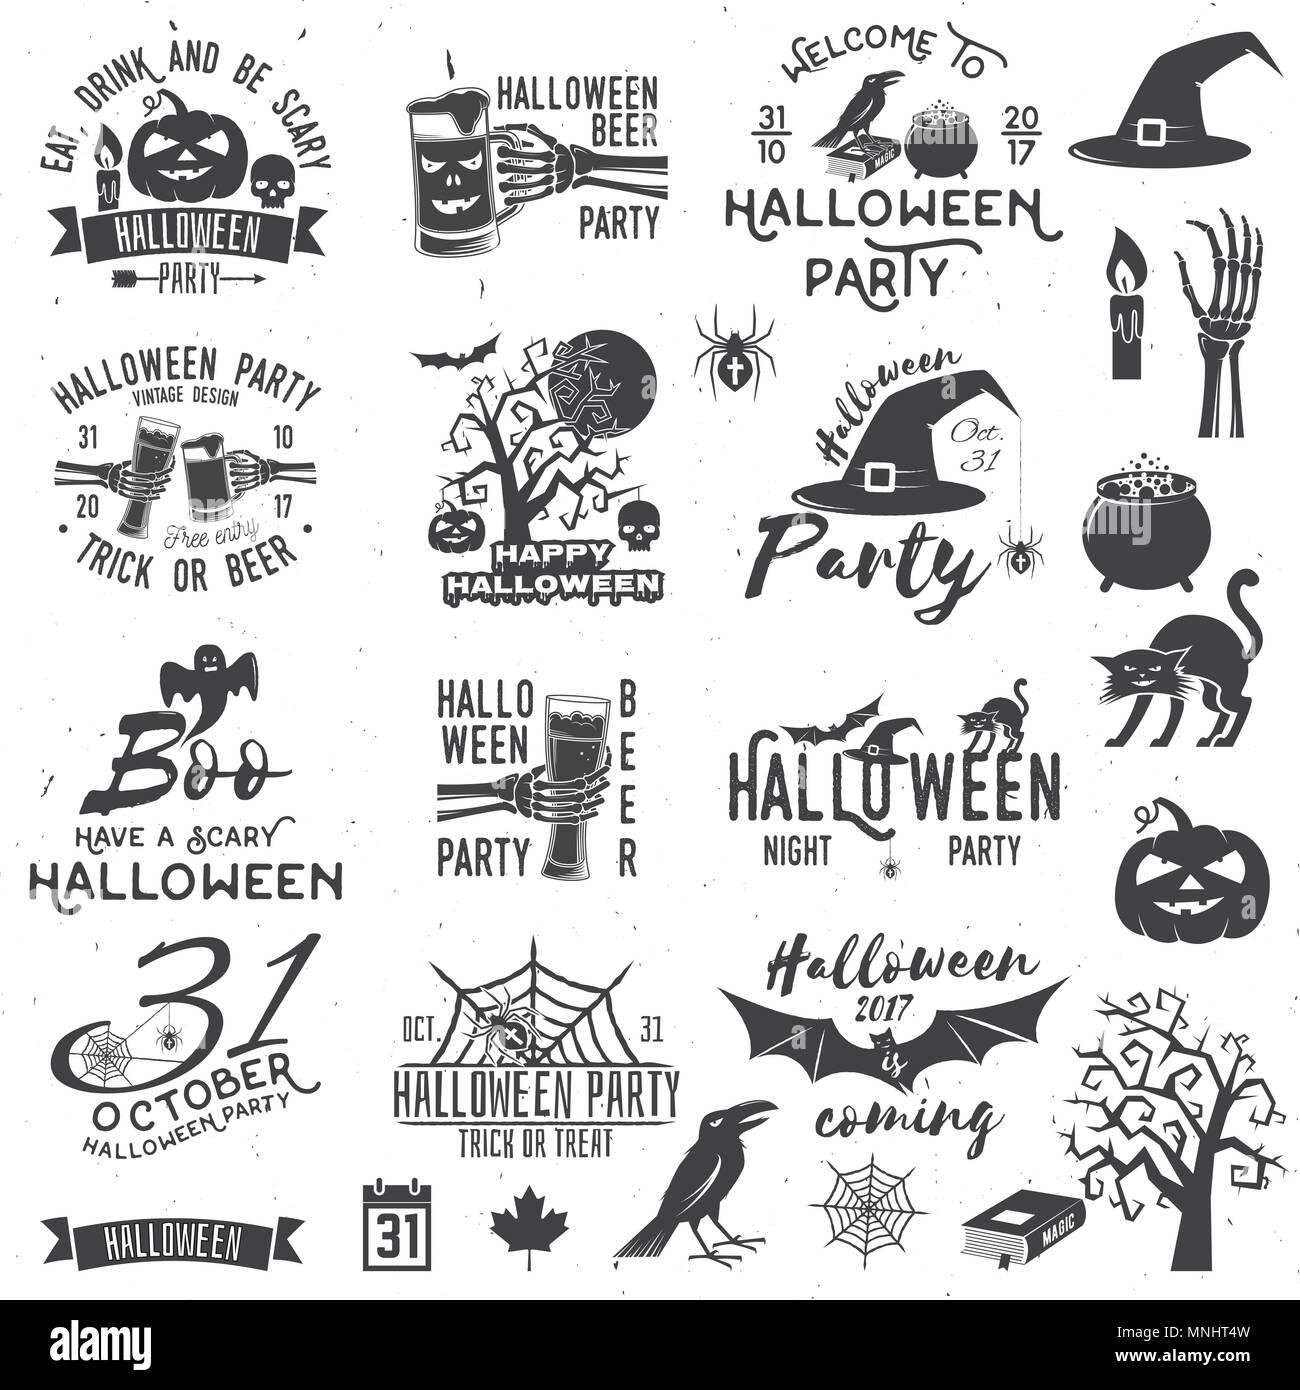 Satz Von Halloween Party Konzept Und Design Elemente Halloween